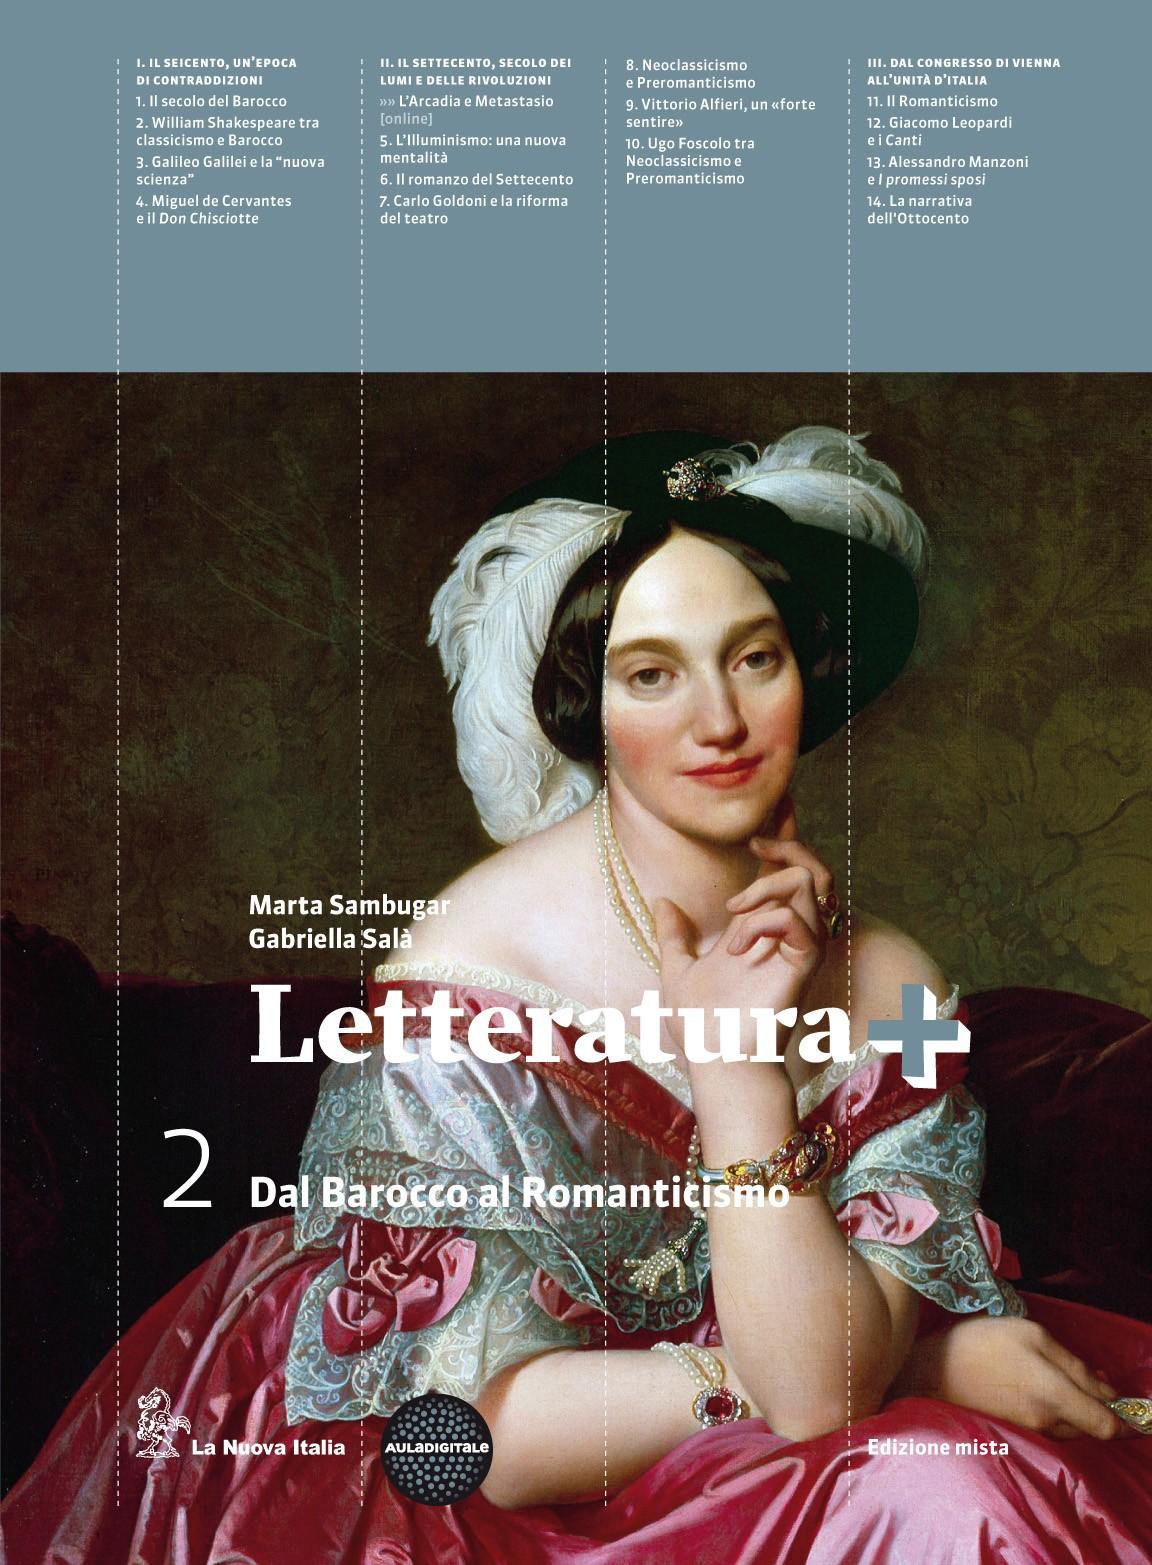 Letteratura+ 2 dal barocco al romanticismo + guida all' esame di stato